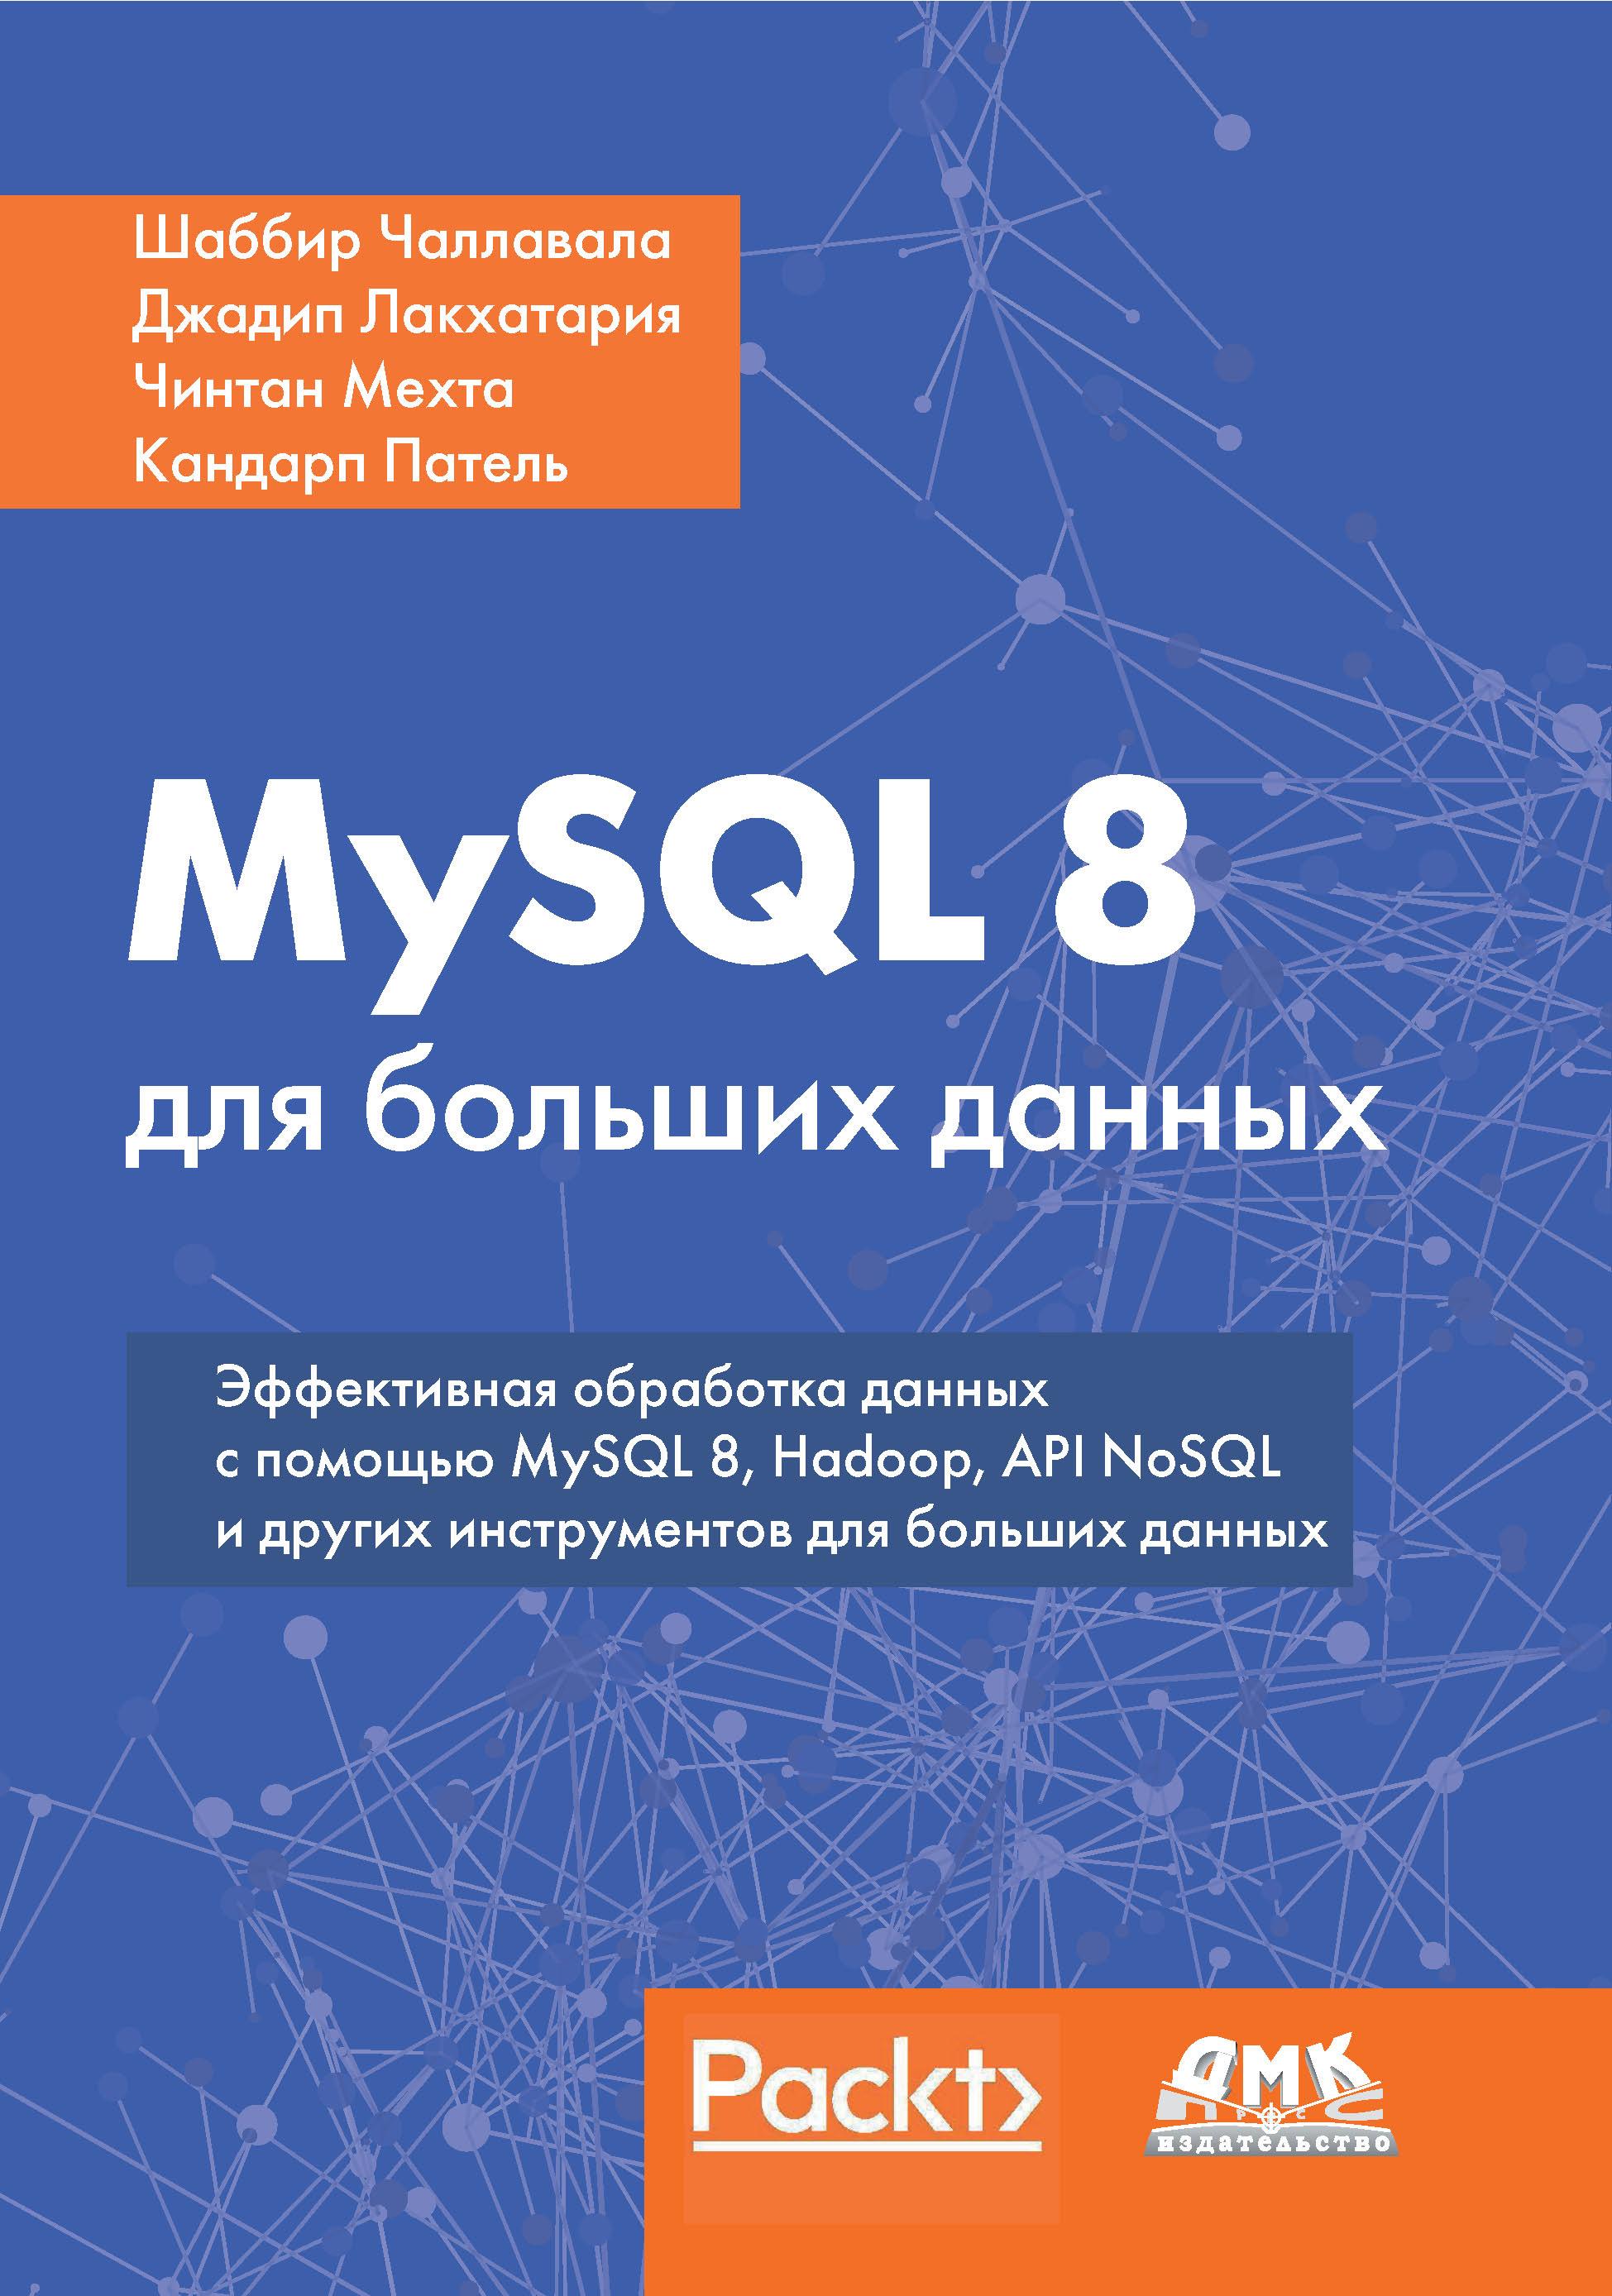 Купить книгу MySQL 8 для больших данных, автора Шаббира Чаллавала